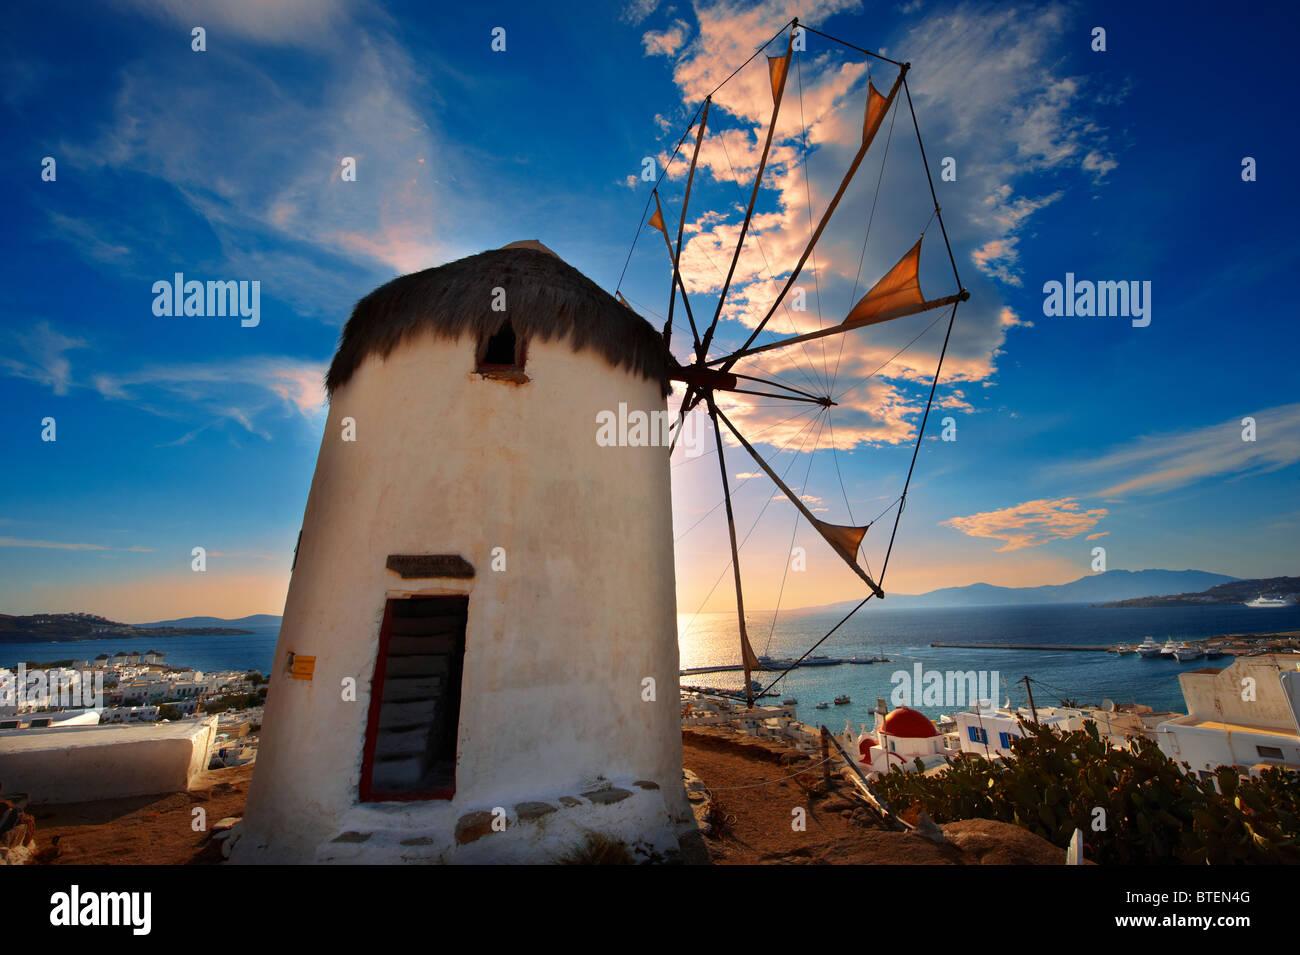 Atardecer en la tradicional griego molinos de viento de Mykonos Chora superior. Las Islas Cícladas, Grecia Imagen De Stock